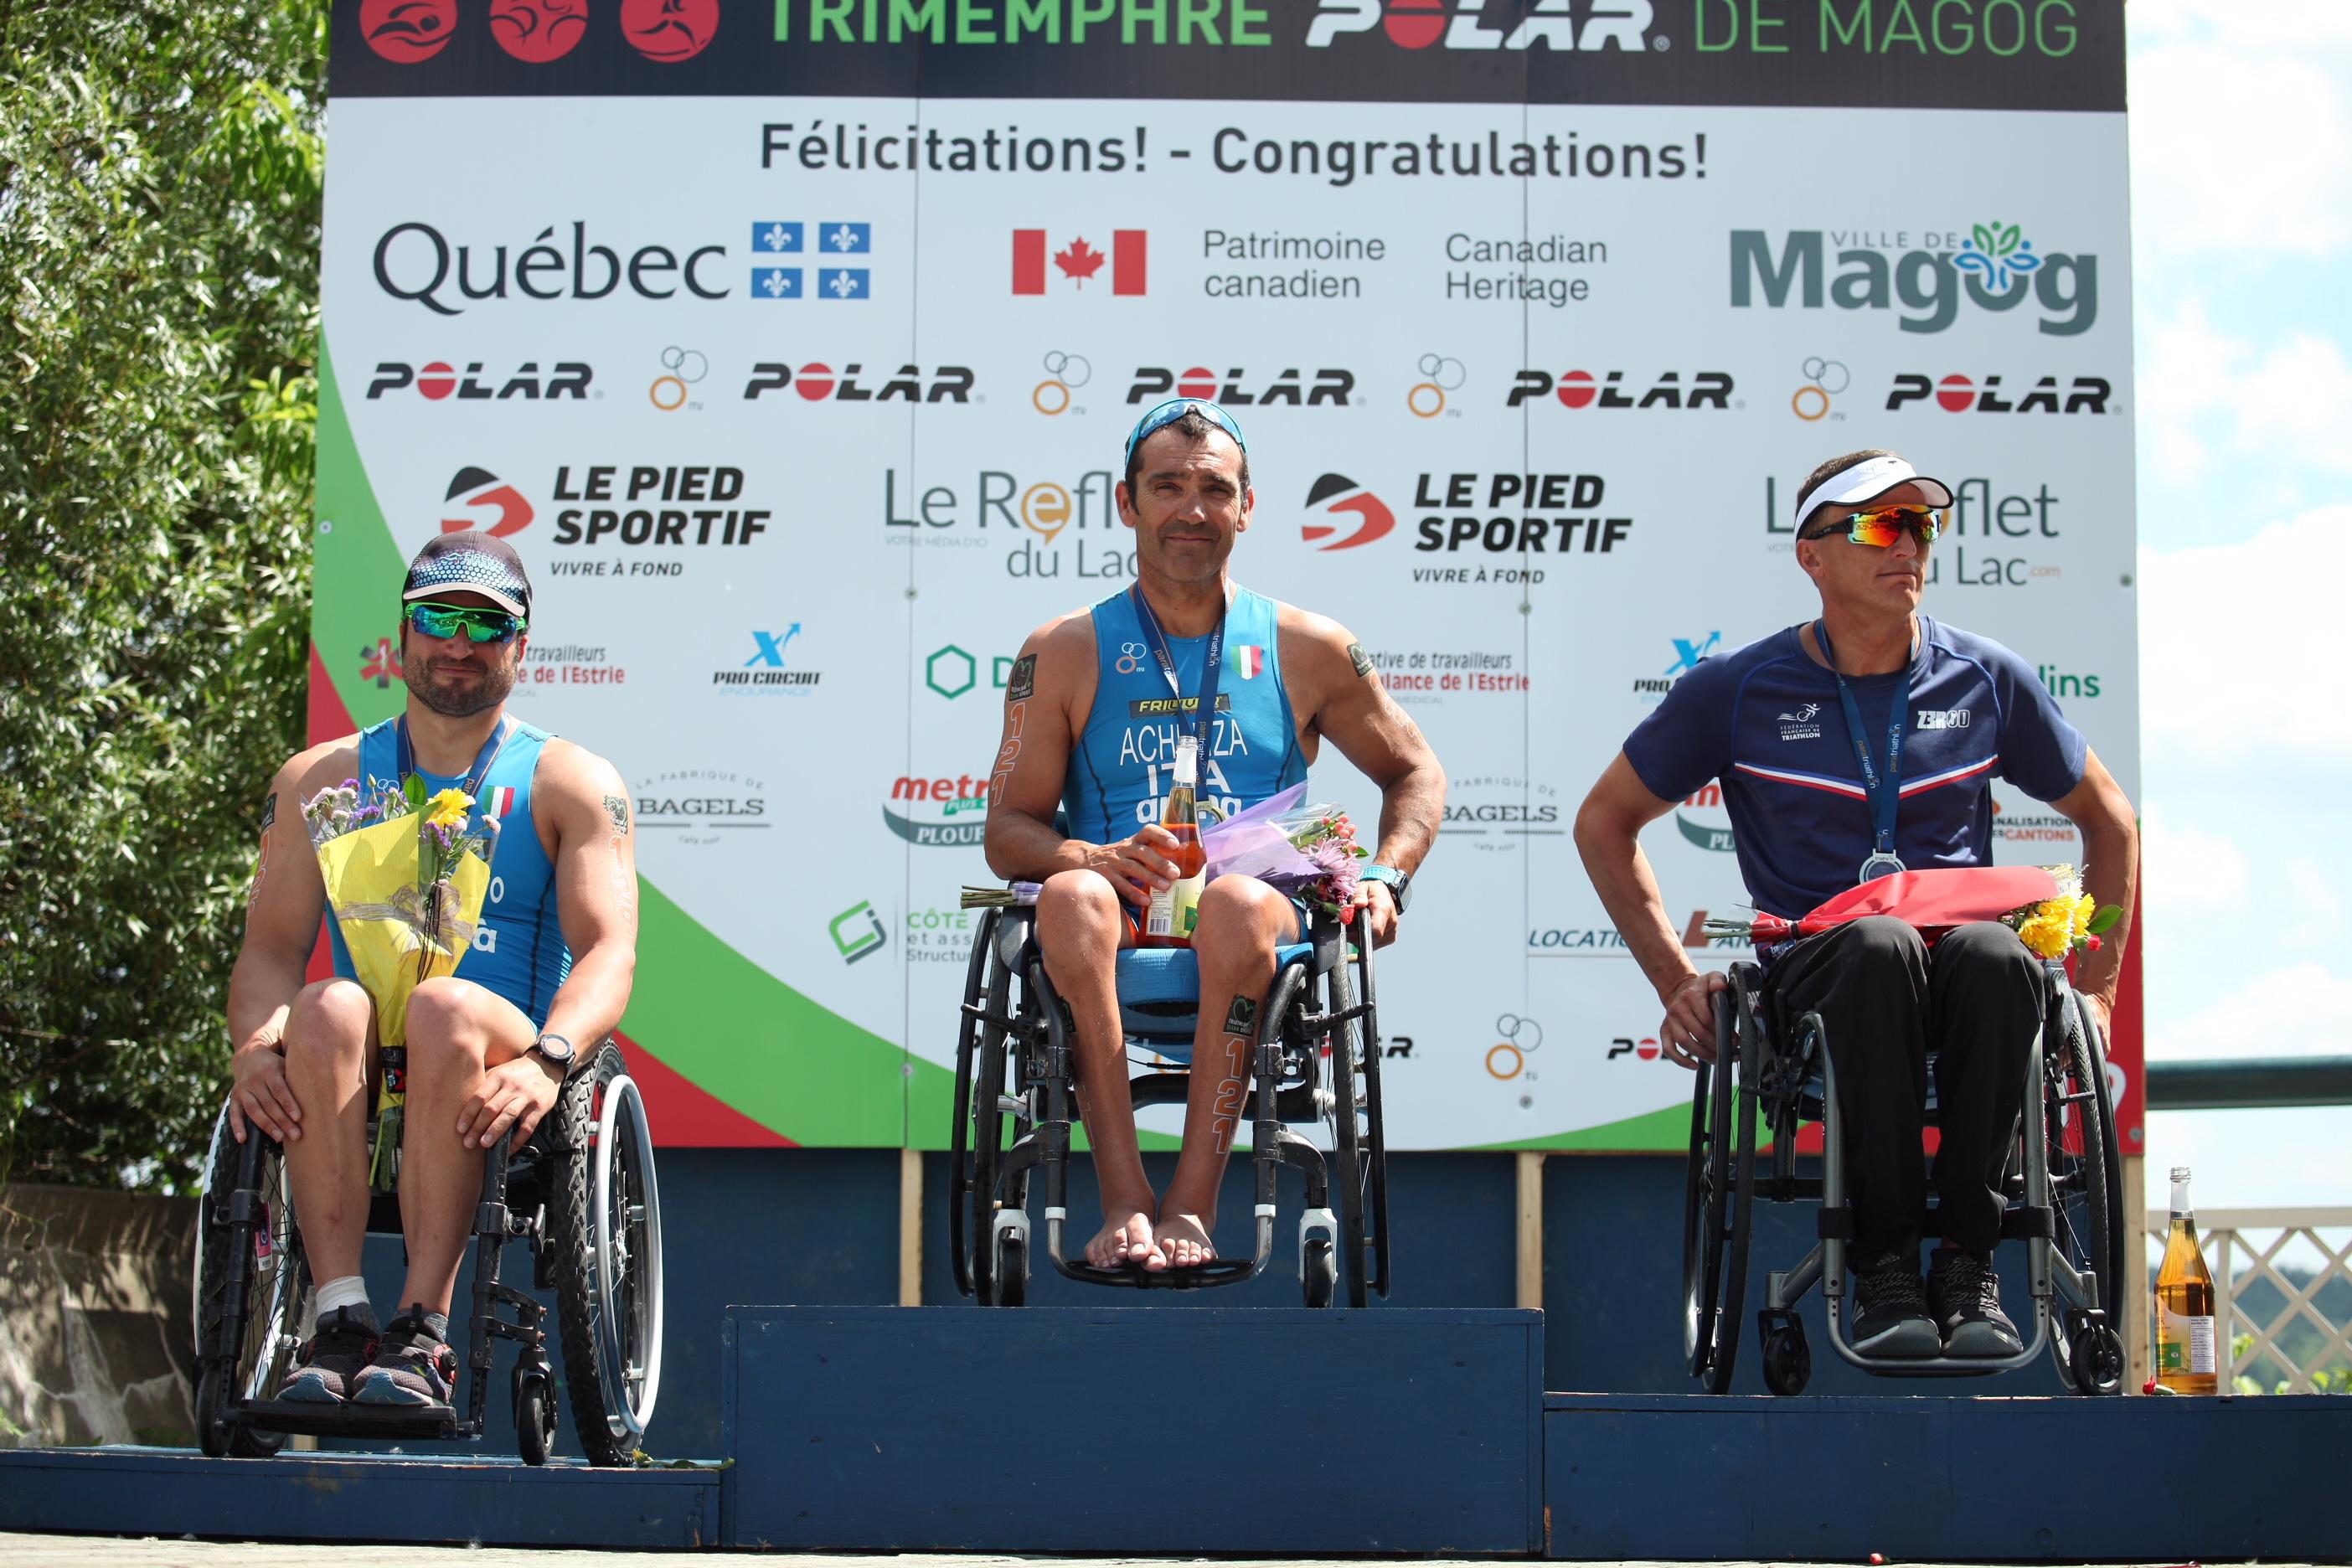 paratriathlon coppa del mondo 2019 magog giovanni achenza oro pier alberto buccoliero bronzo italia italy world paratriathlon cup triathlon paralimpico paralympics gold bronze world cup canada 2019